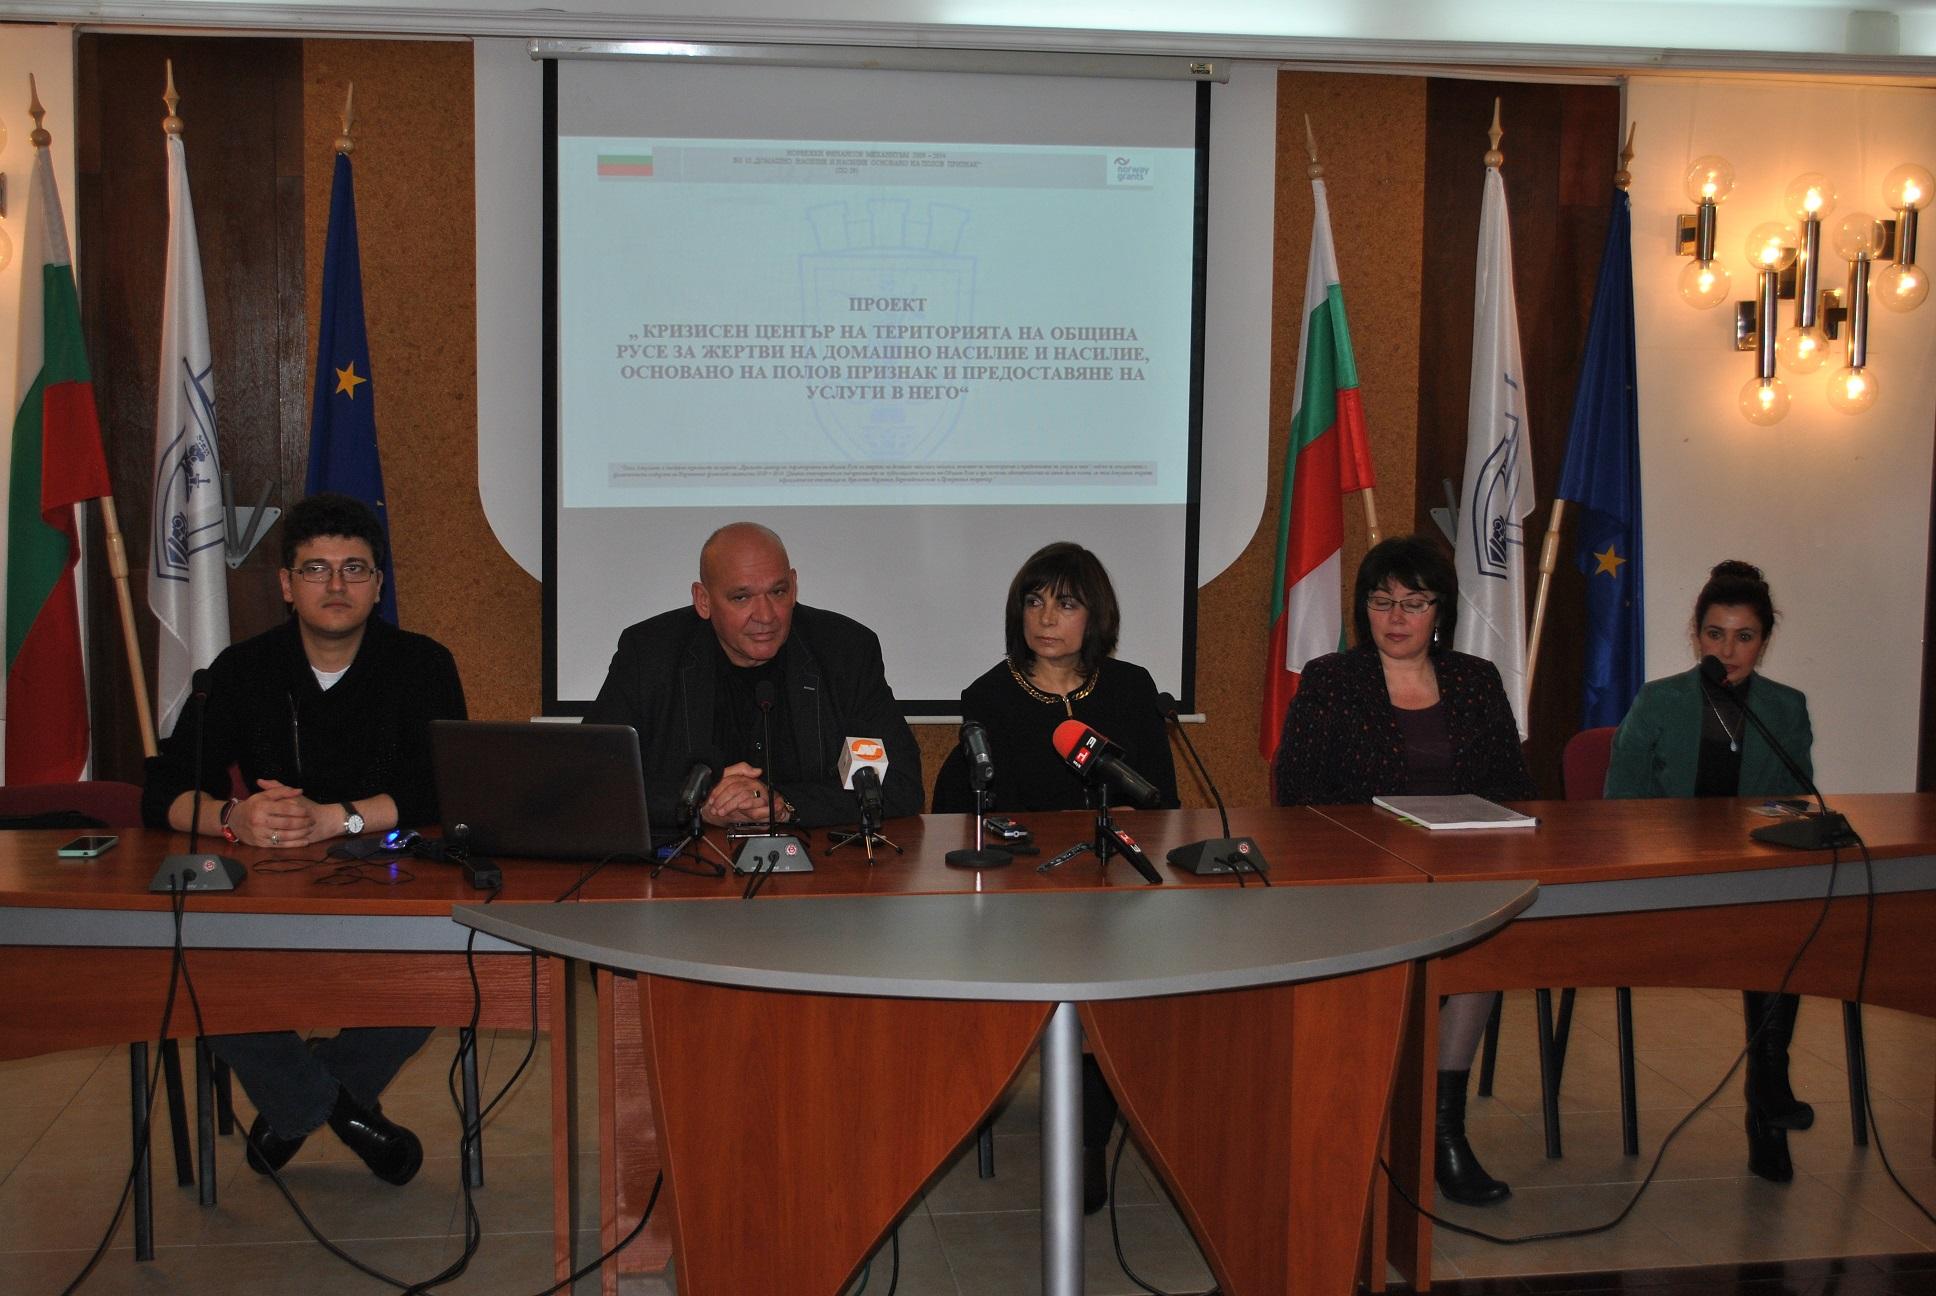 Photo of Кризисен център отваря врати в Русе